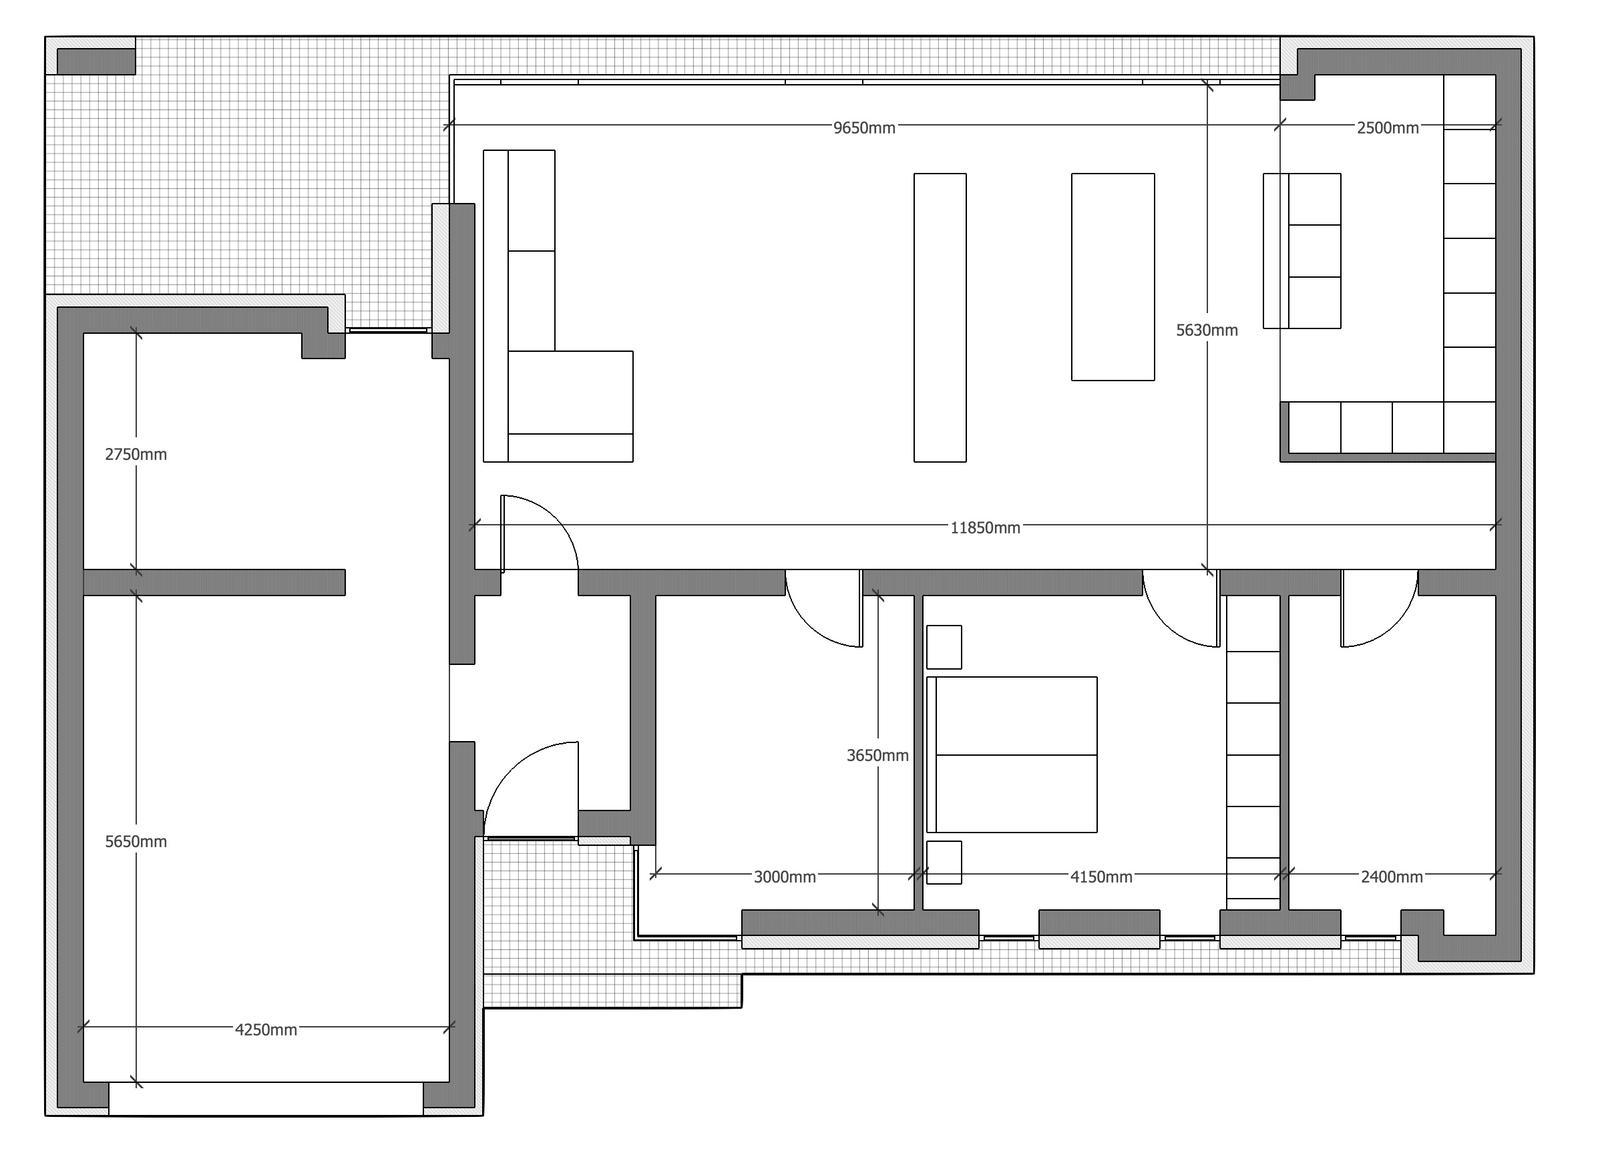 Dom vizualizacia - Obrázok č. 20